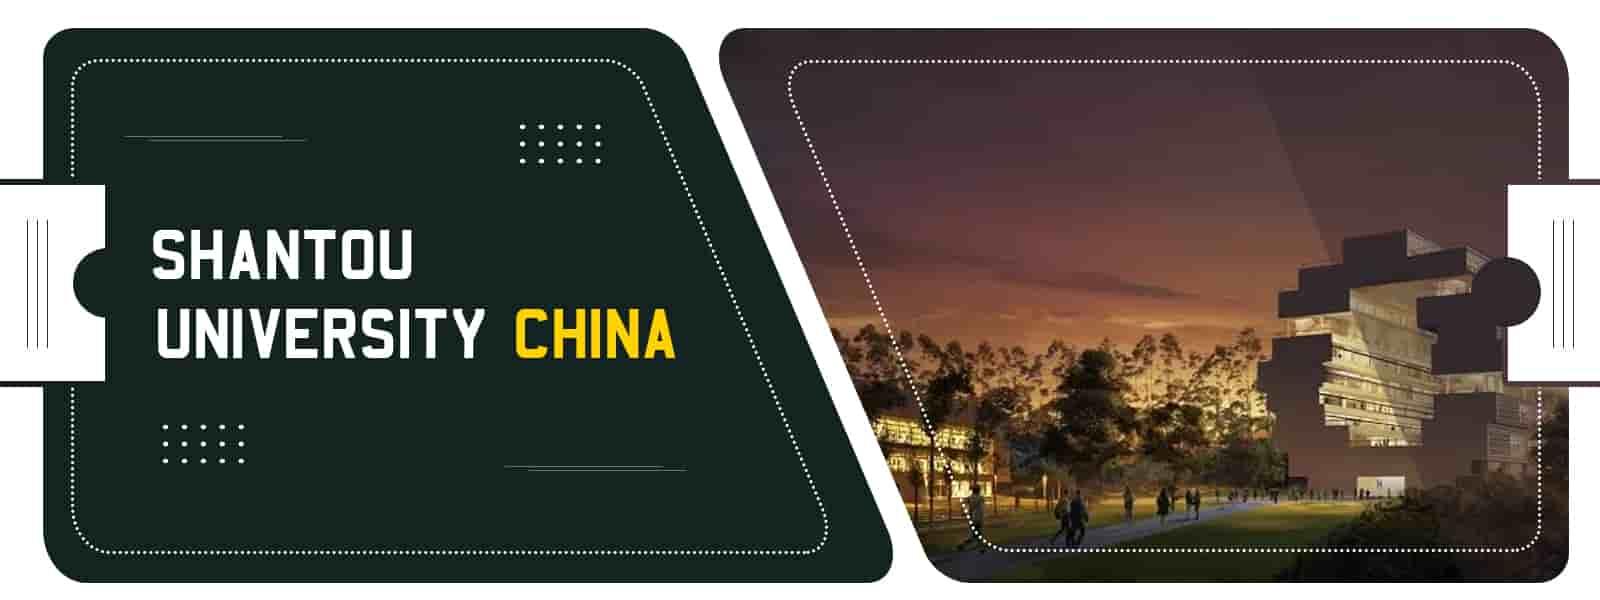 Shantou University Medical College China